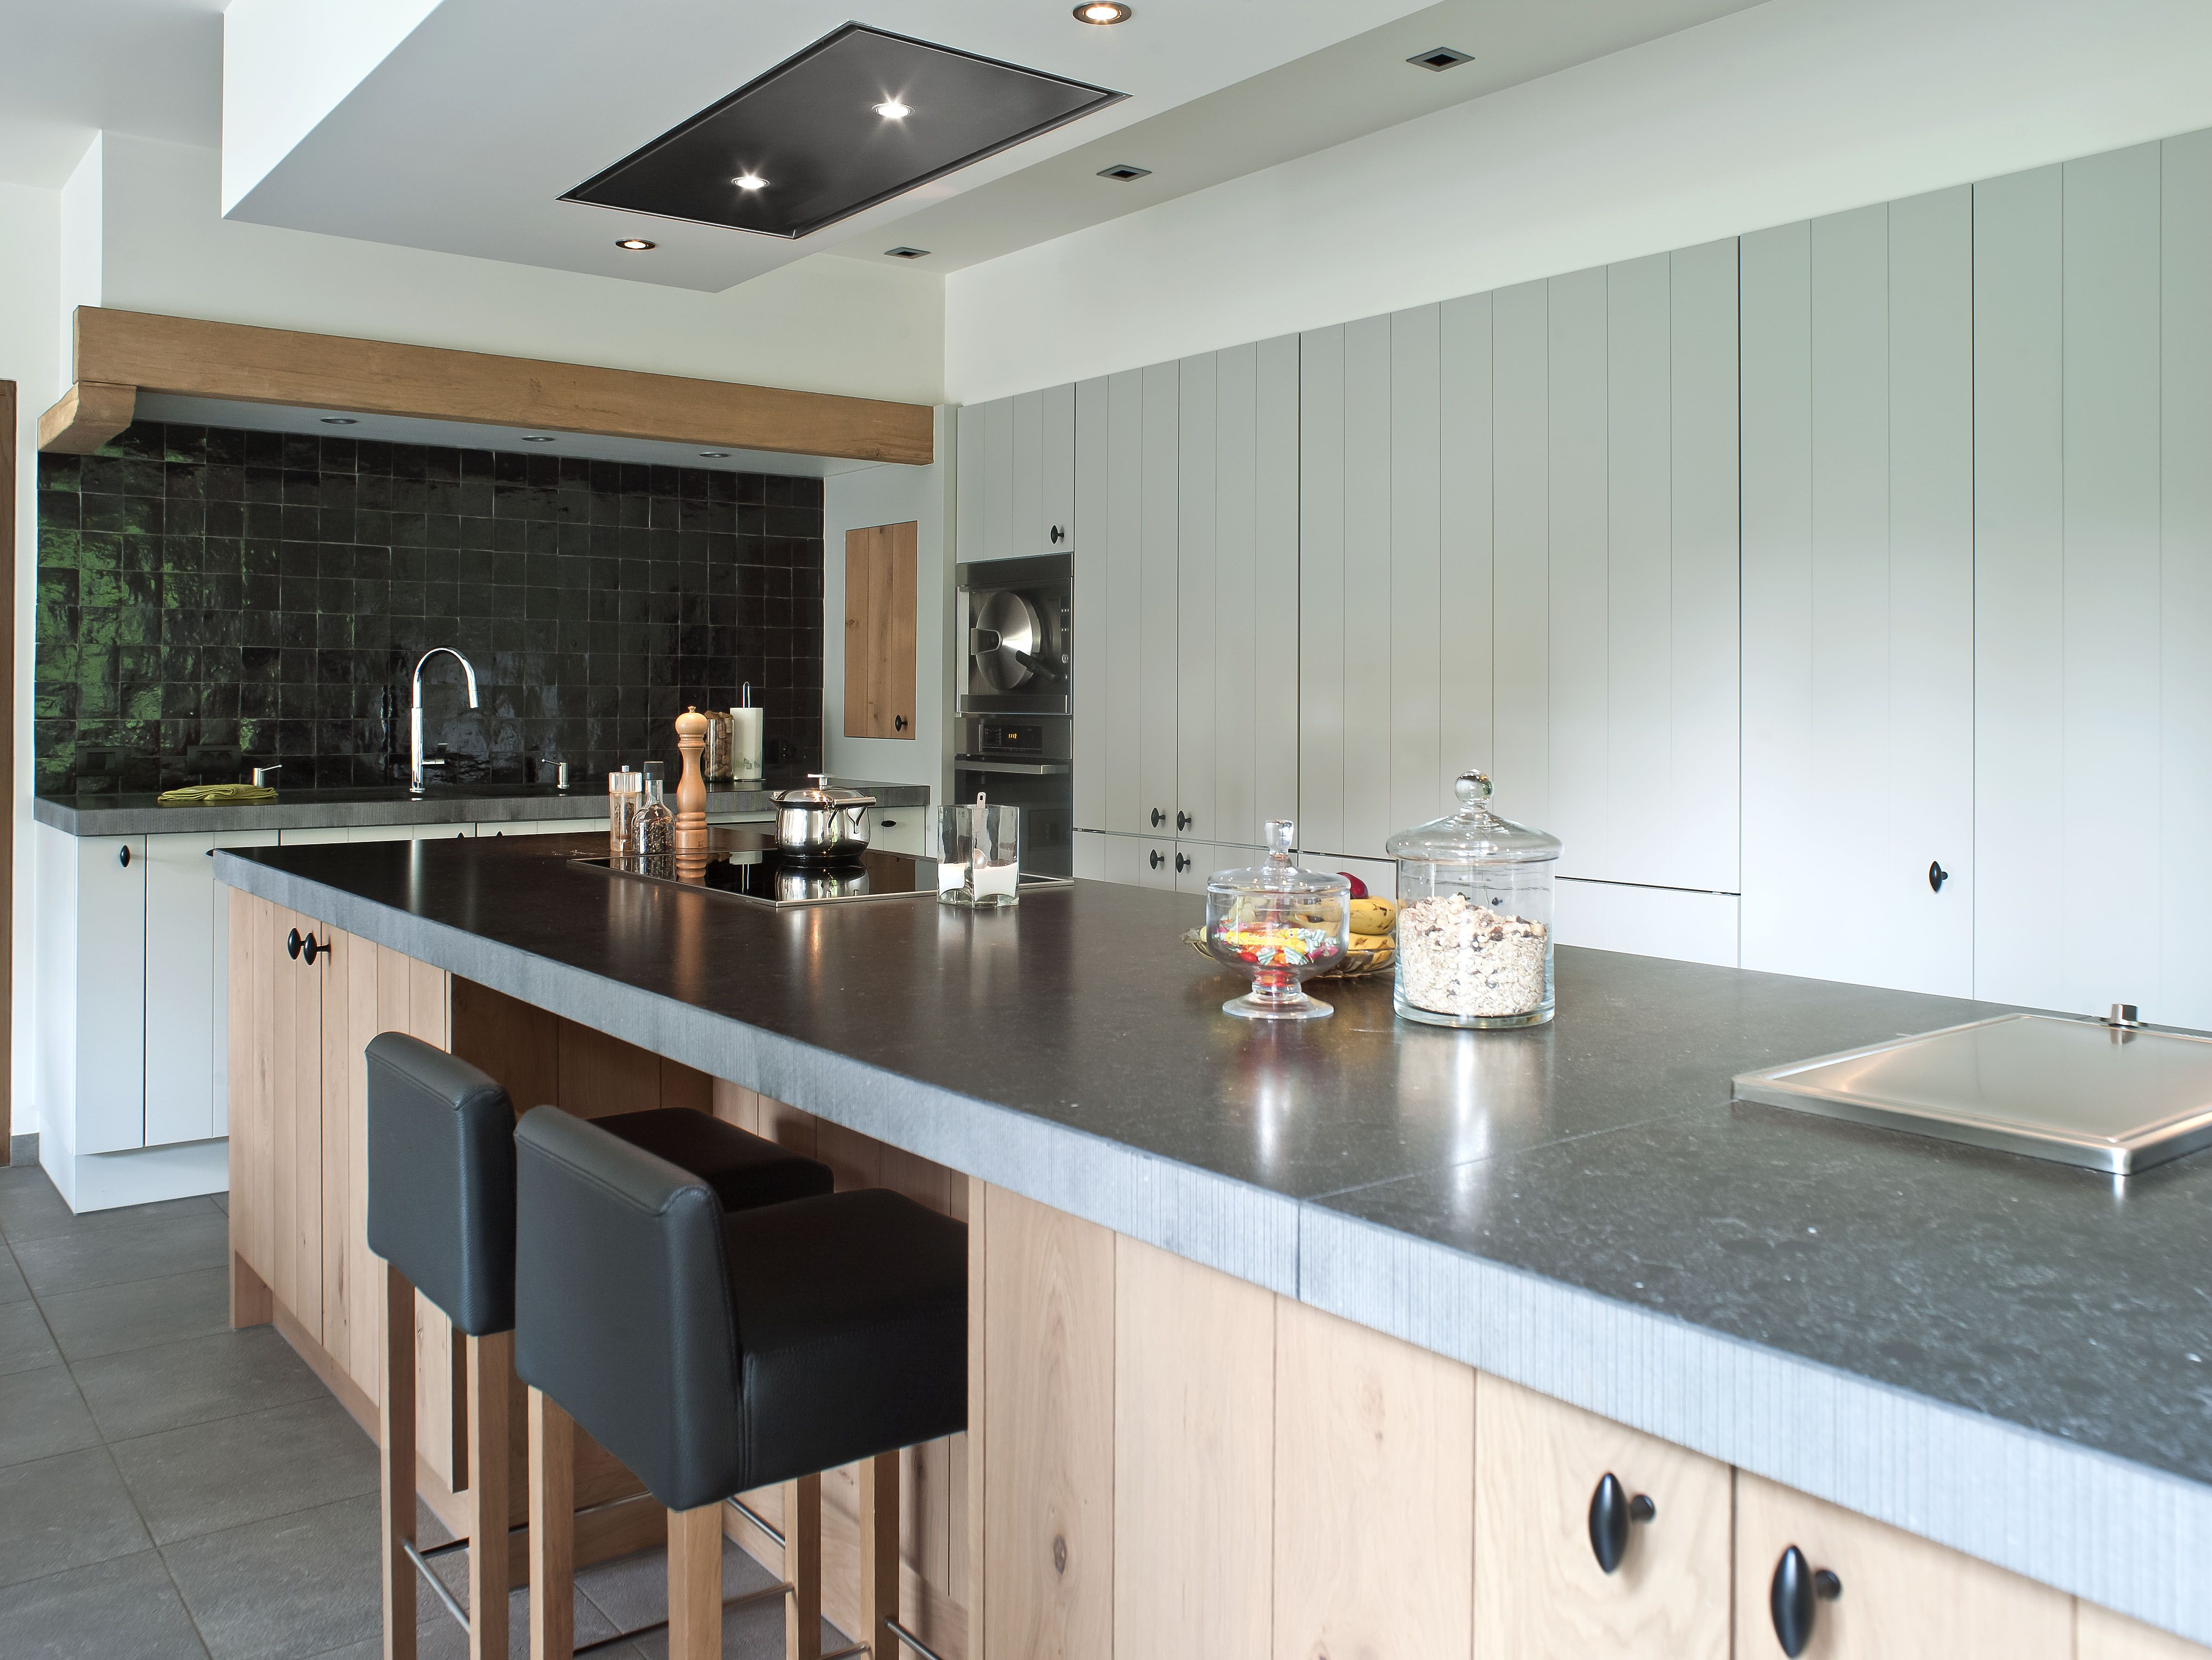 Keuken Interieur Scandinavisch : Landelijke keuken mdf geschilderd en massieve eik belgian style